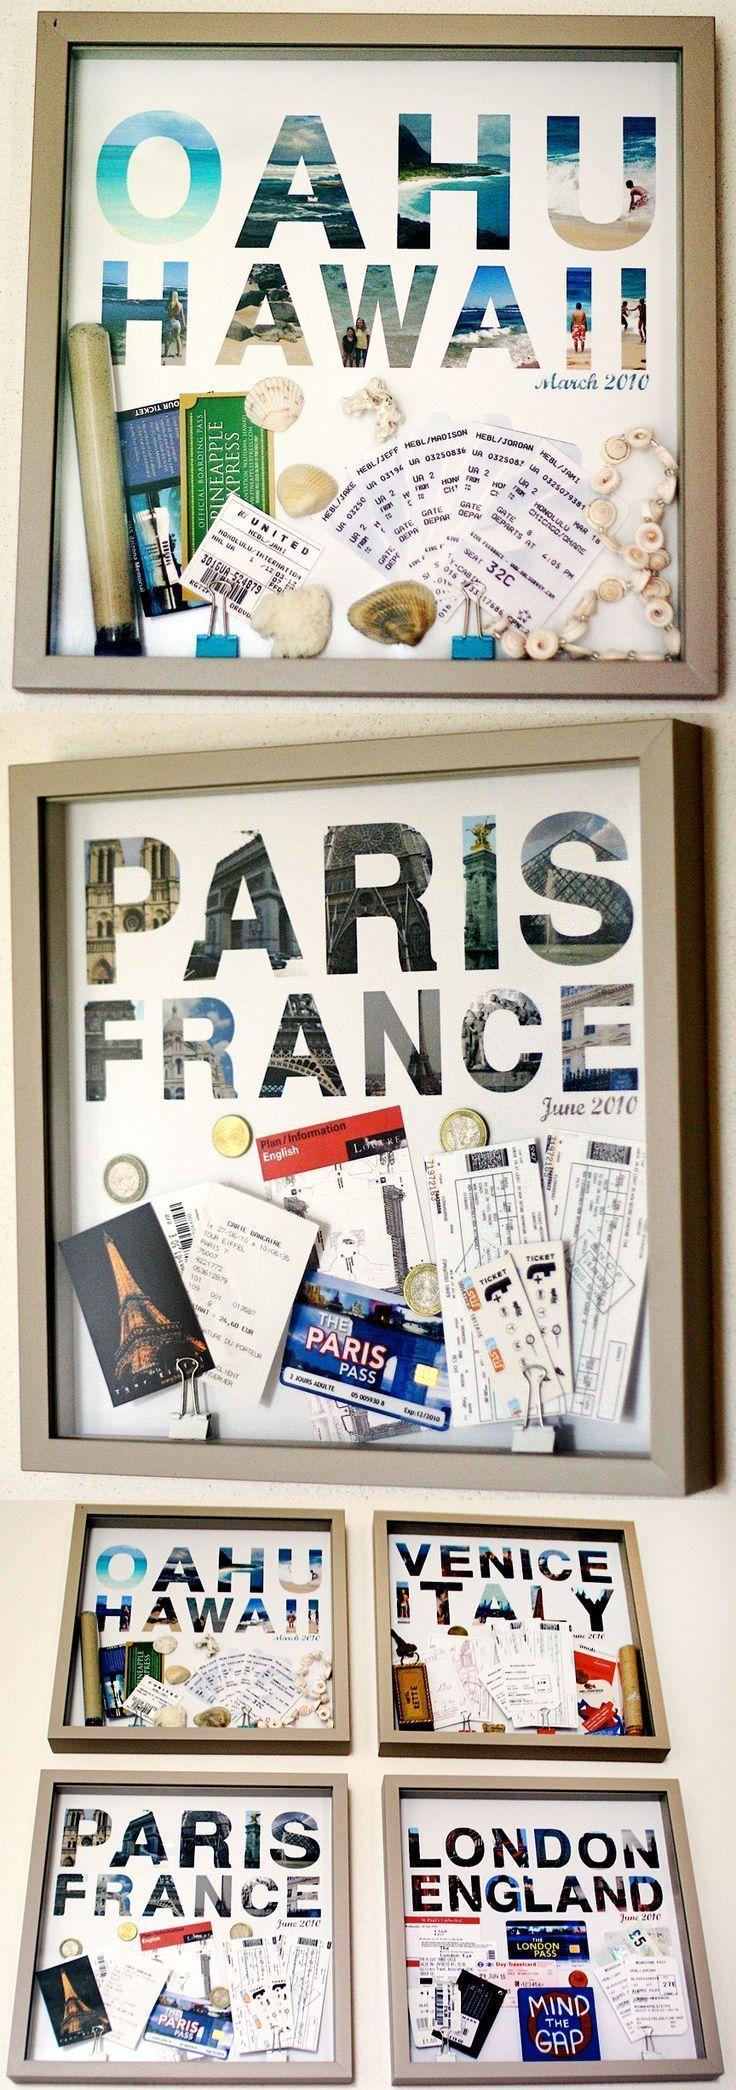 Monte seu quadro de viagem, com bilhetes e lembranças dos momentos deliciosos. Você vai precisar de uma moldura, cola e as lembranças, fácil, barato e lindo. Decoração